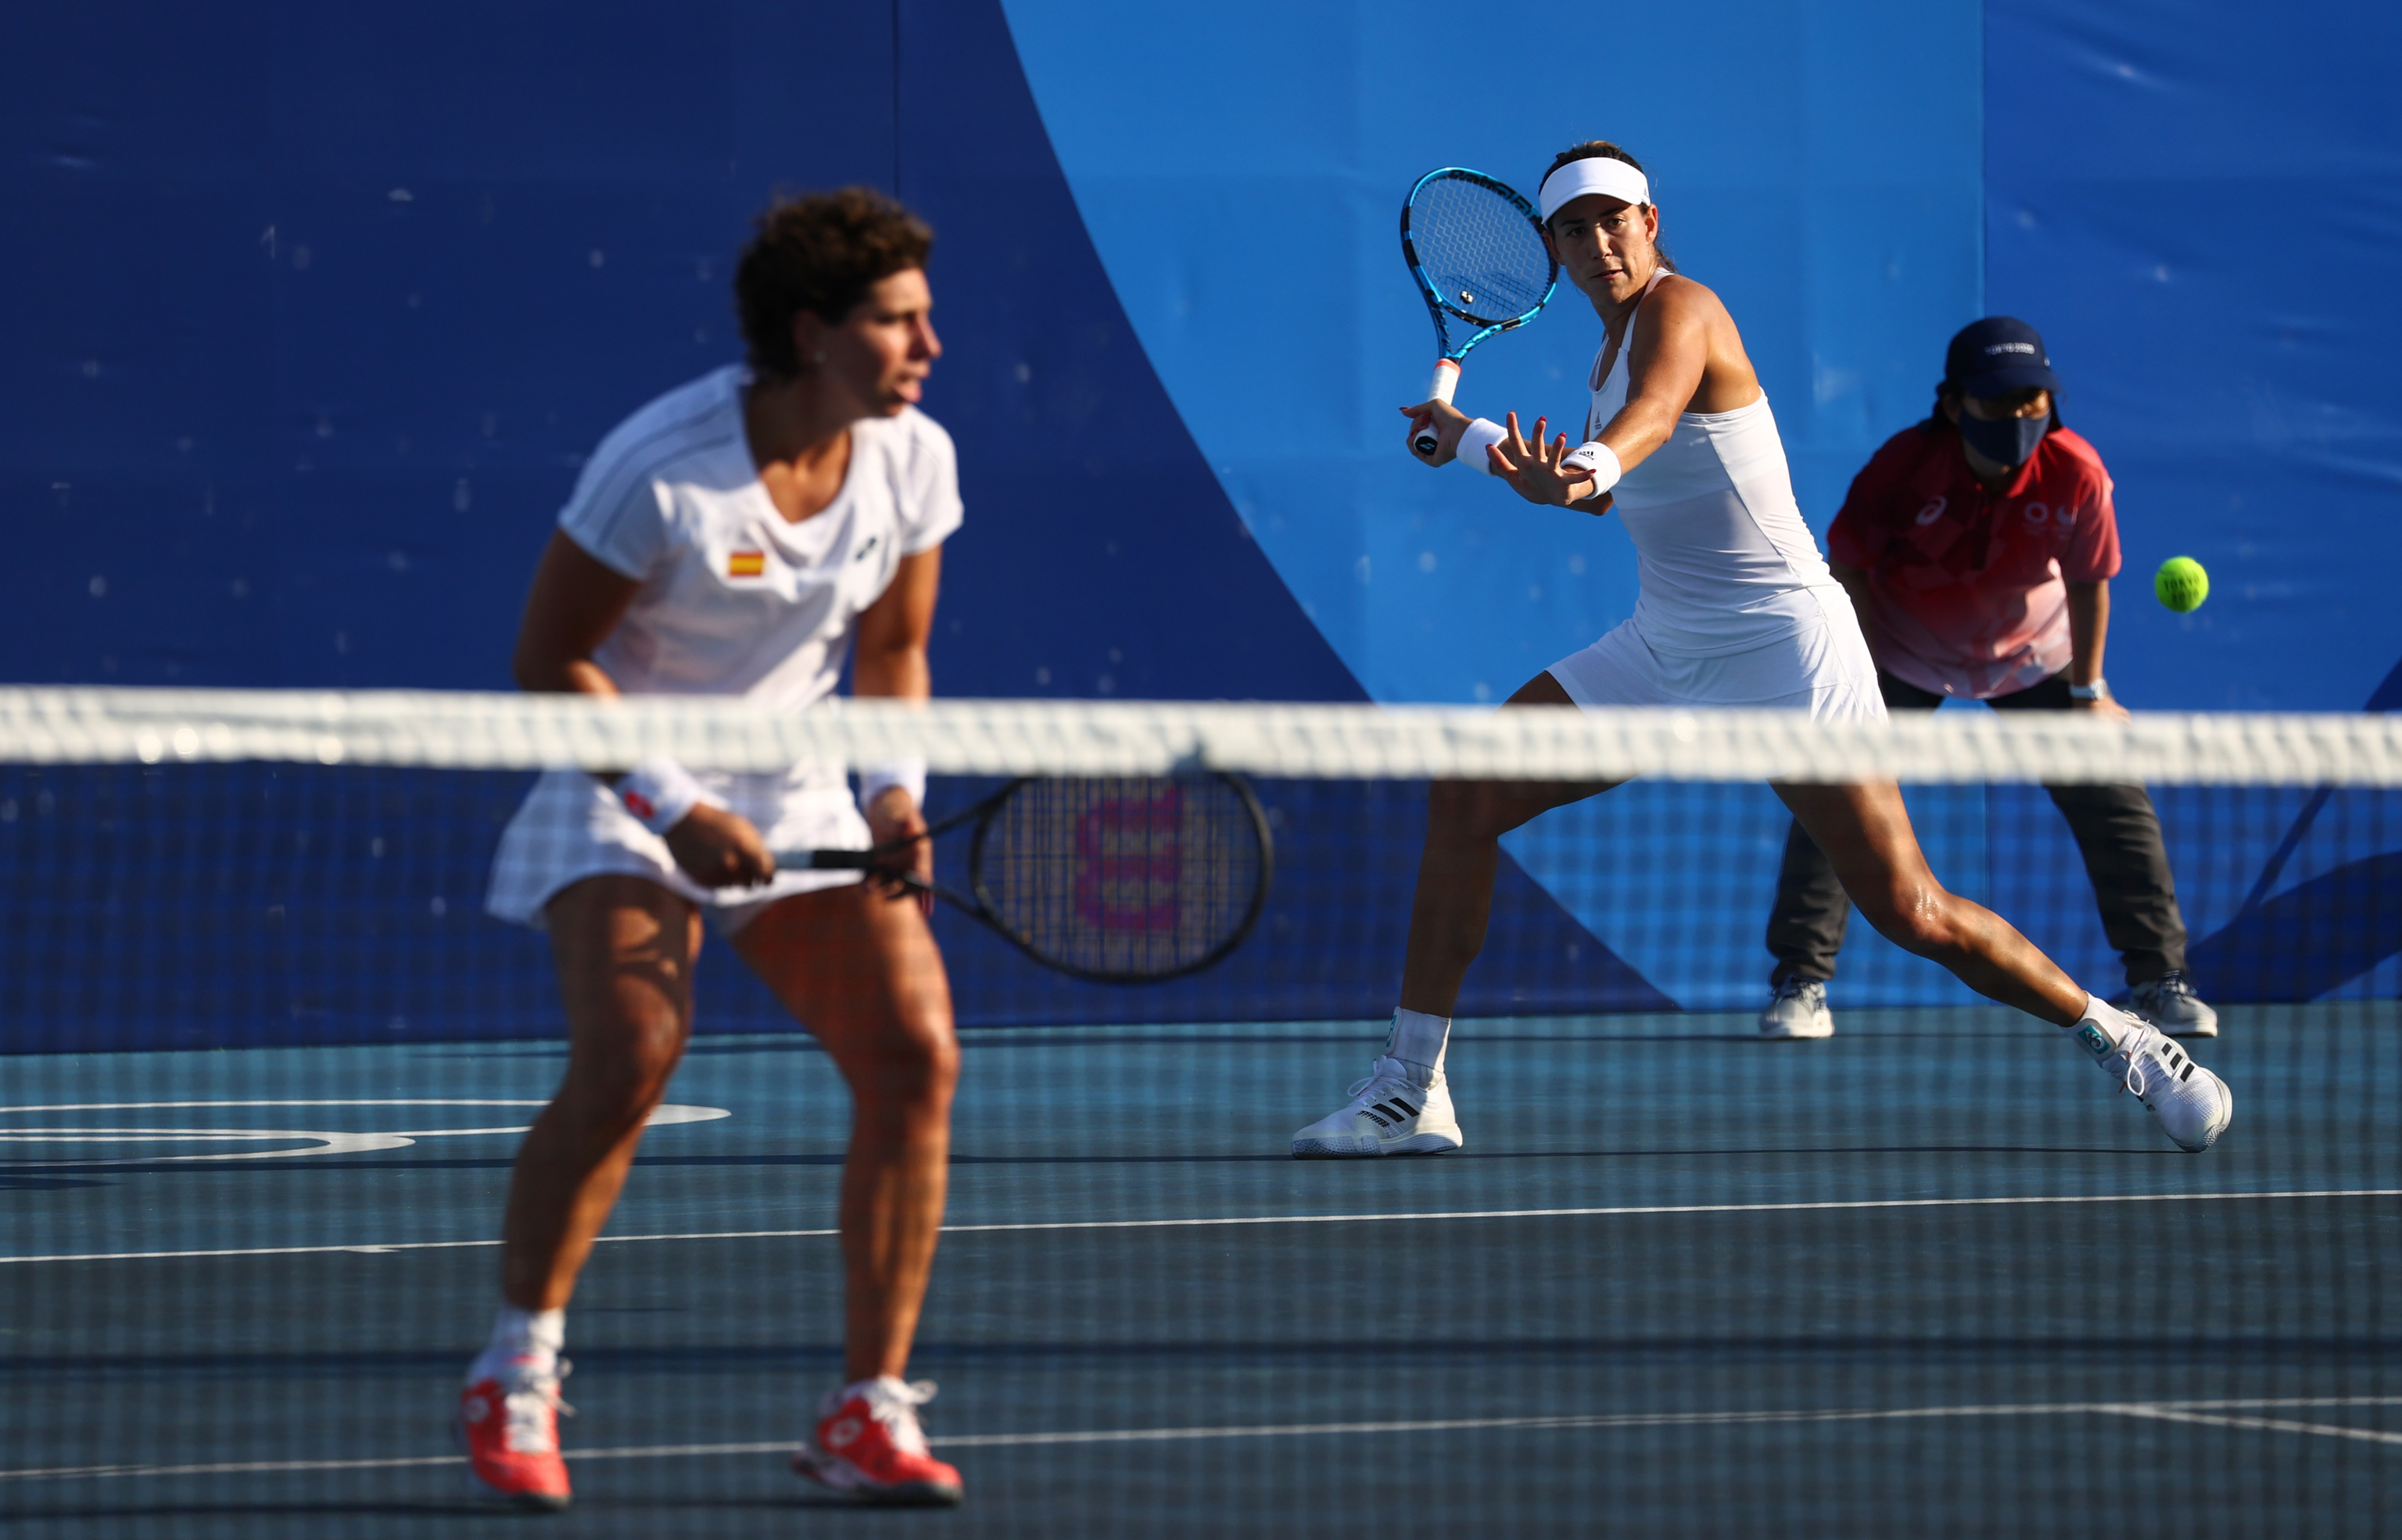 Carla Suárez Garbiñe Muguruza - Tenis - Juegos Olímpicos 2021 - Tokio 2020